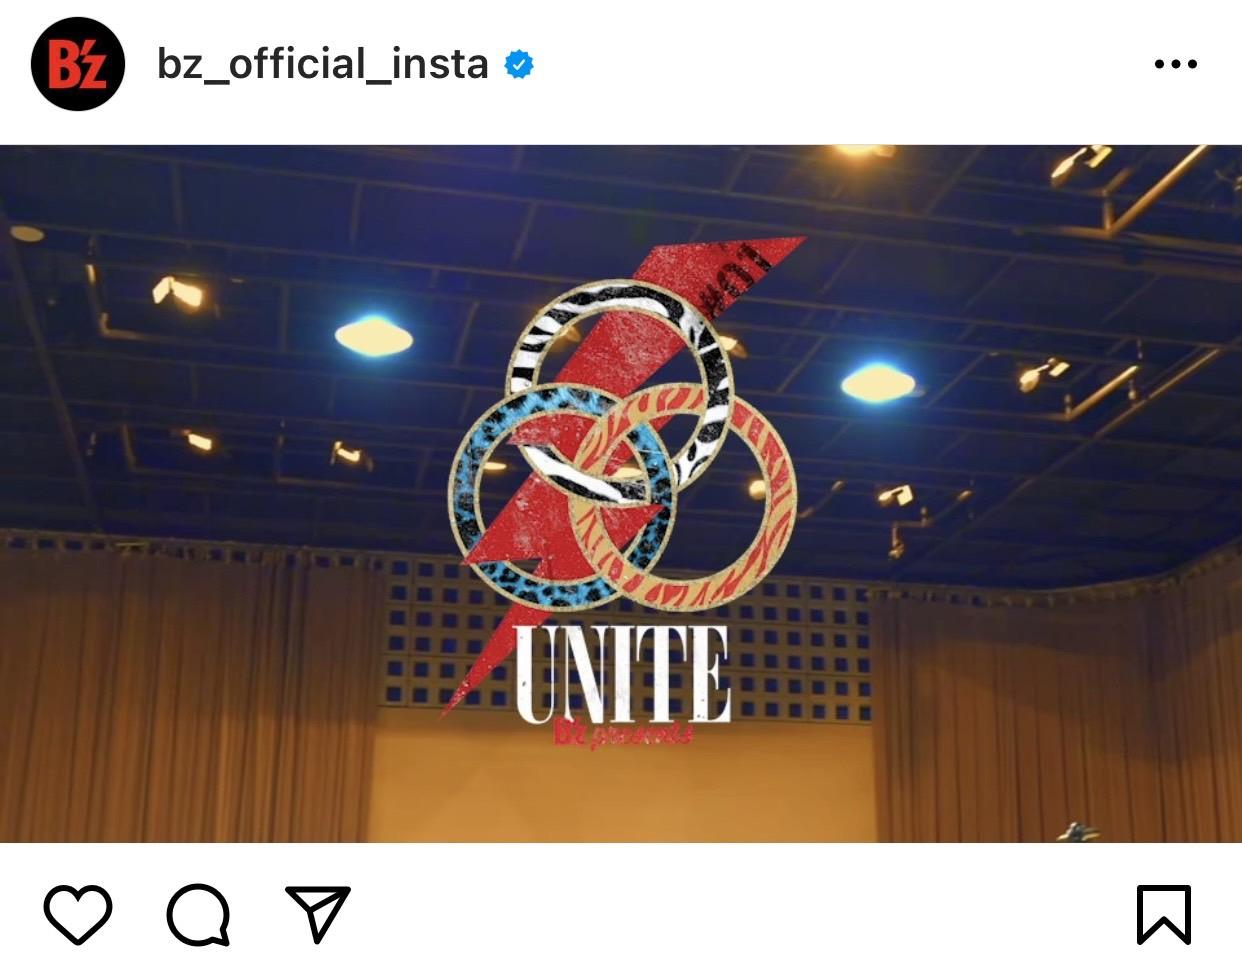 B'z公式SNSで公開された『B'z presents UNITE #01』のリハーサル終了時の肉声動画